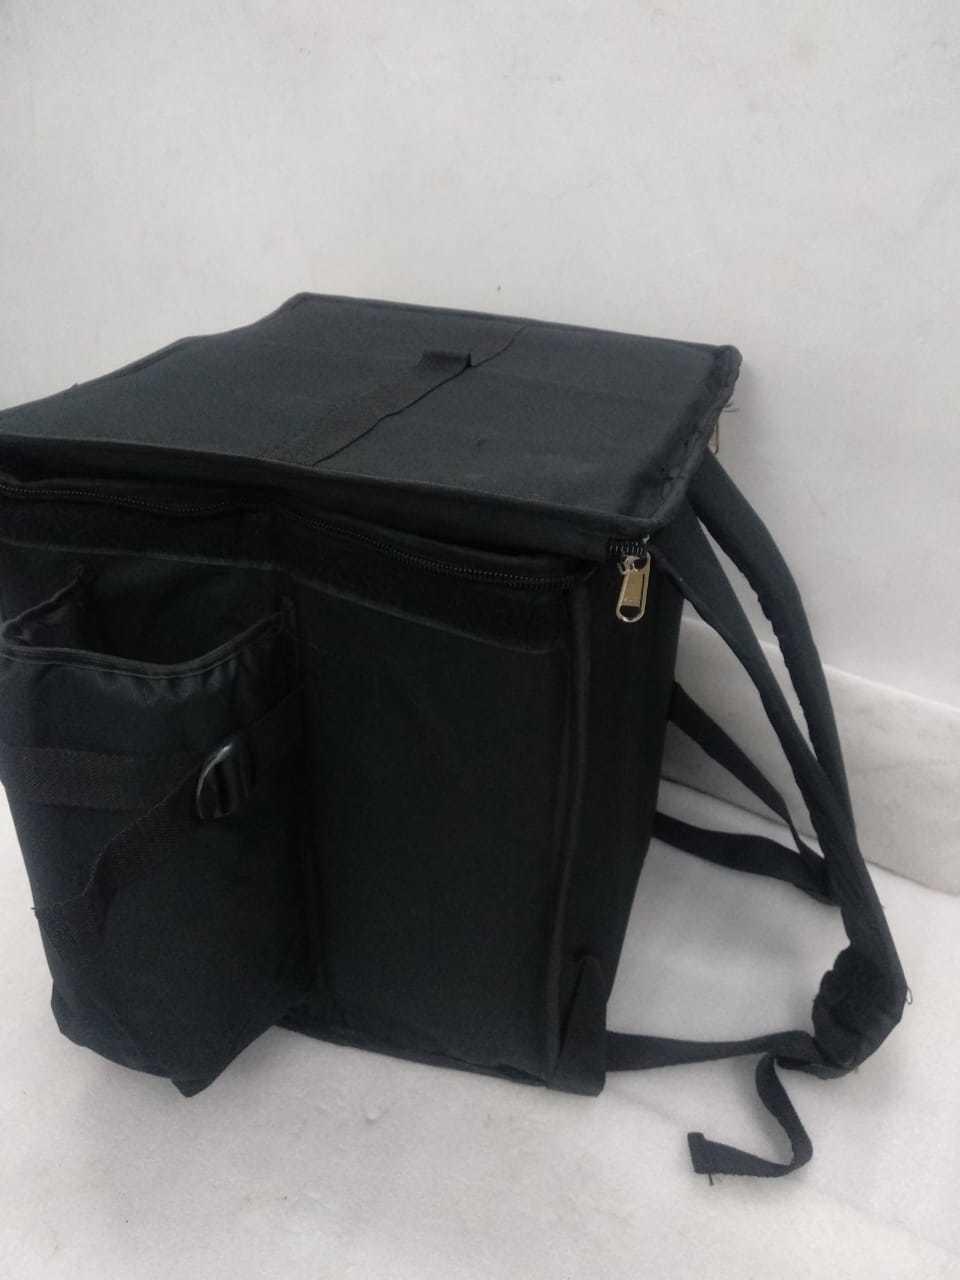 Cake Delivery Cooler Bag